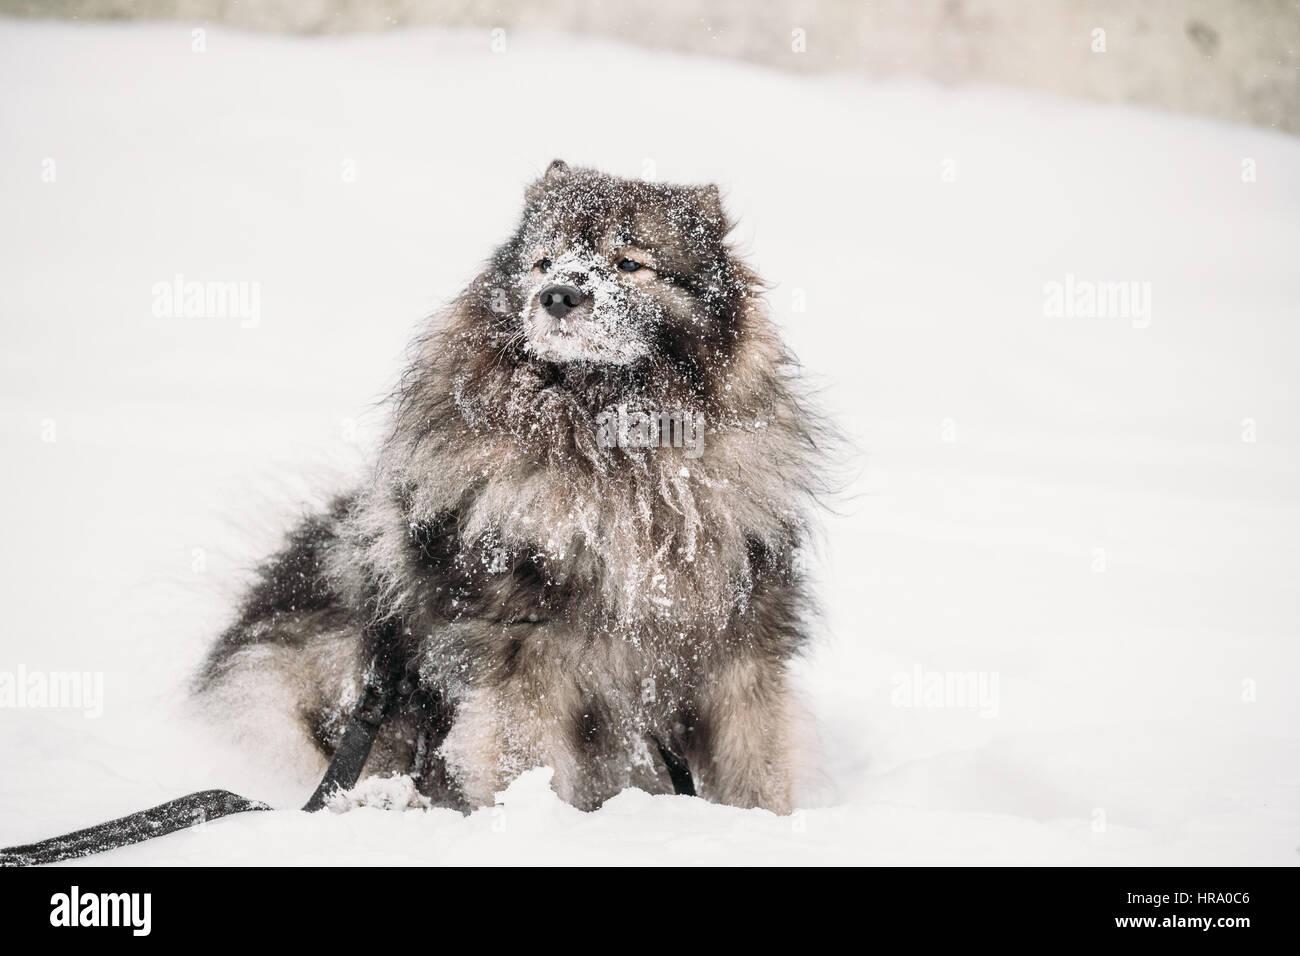 lustige keeshond hund spielen im freien im schnee winter saison hundetraining im freien. Black Bedroom Furniture Sets. Home Design Ideas